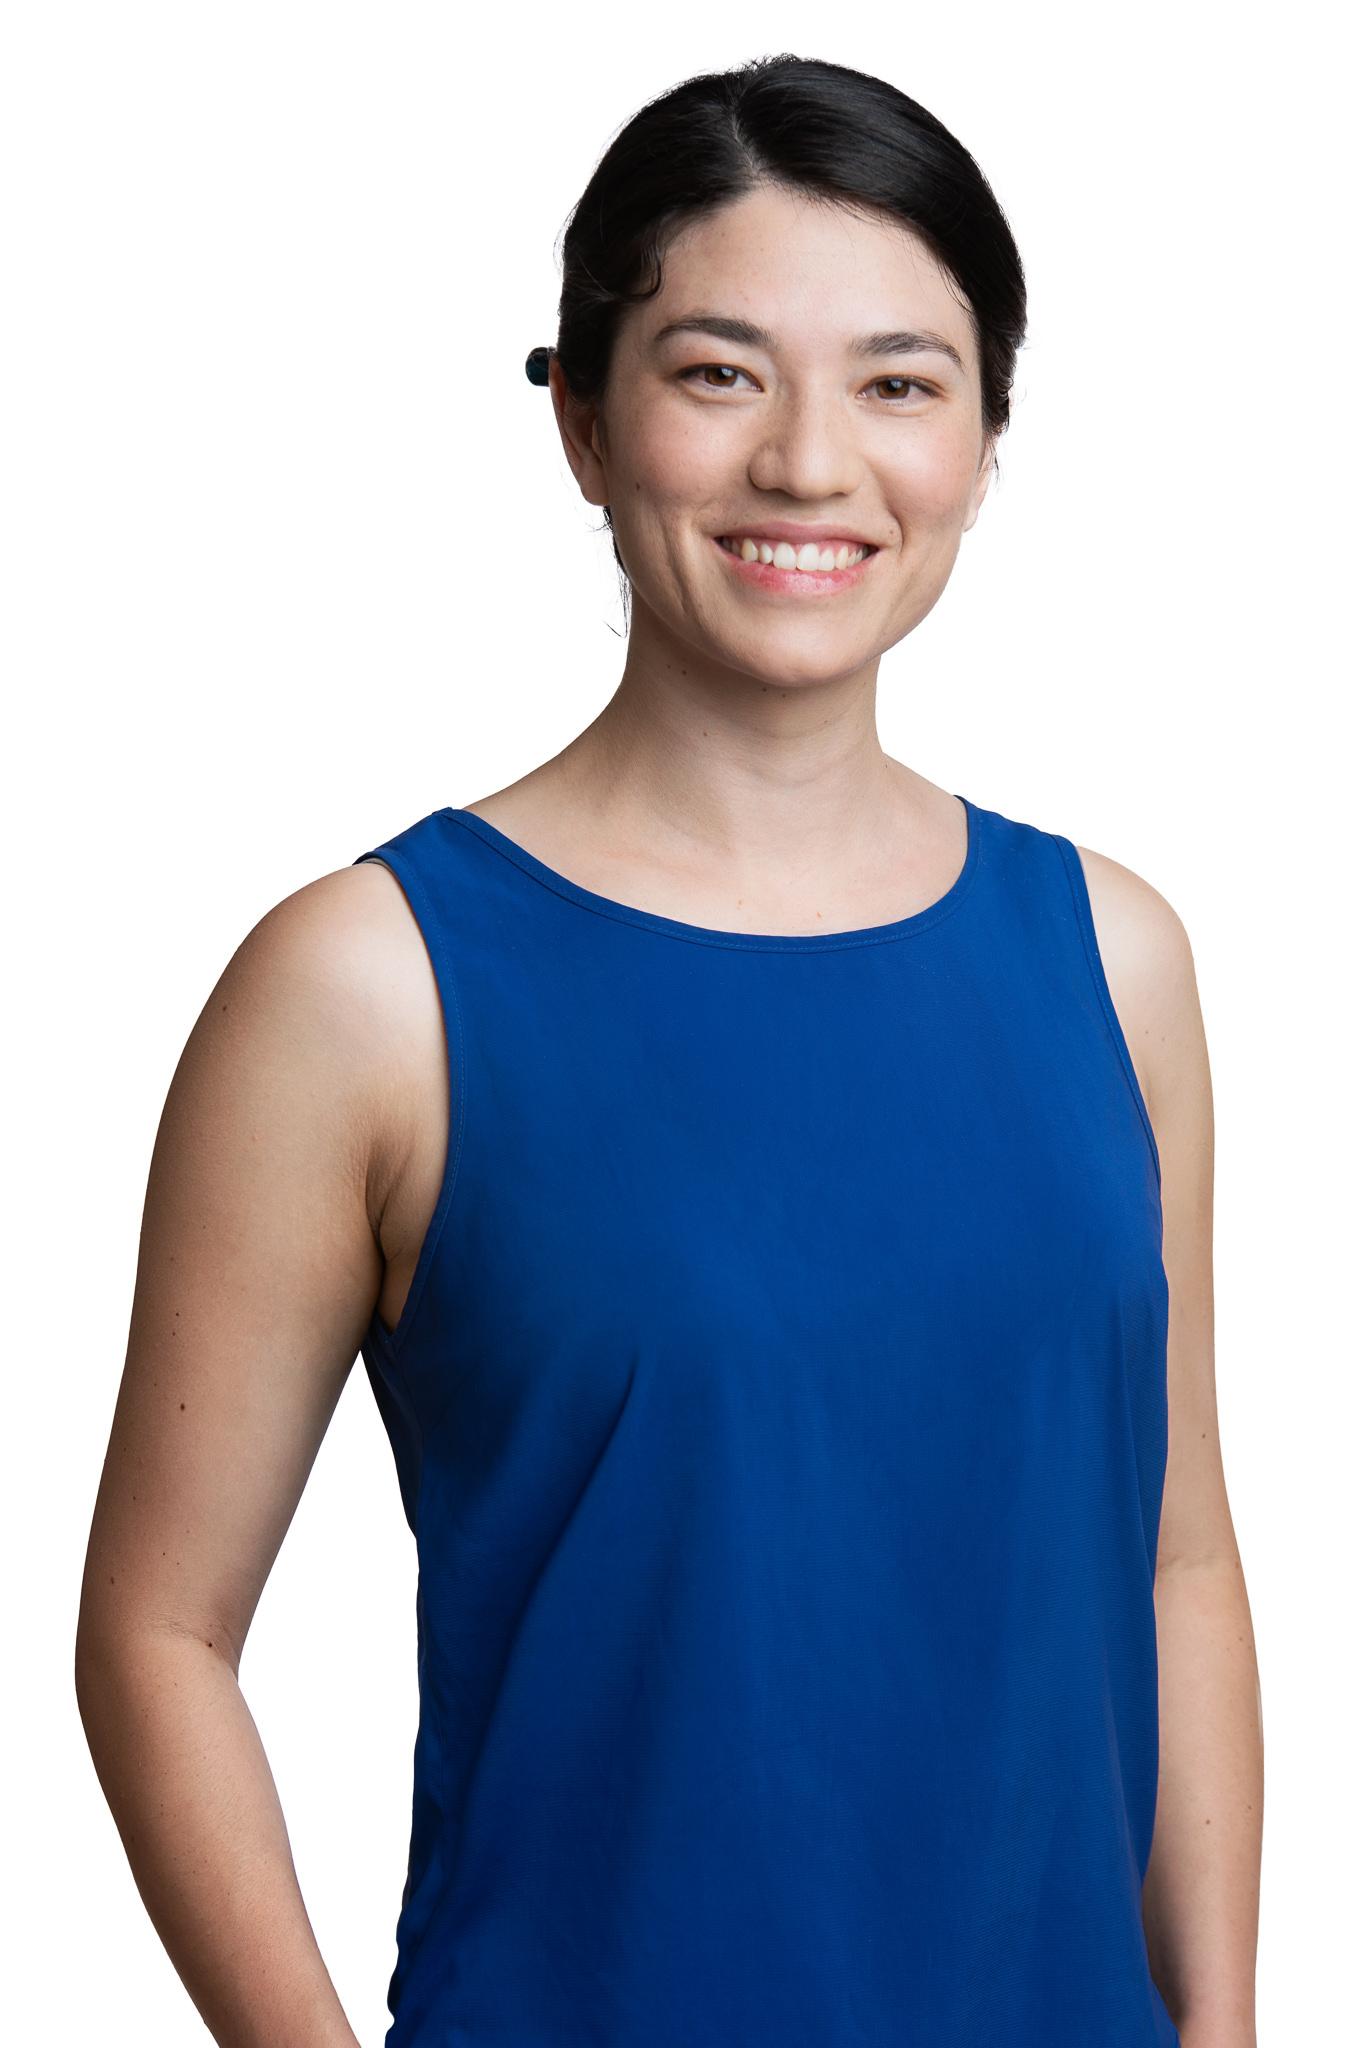 Dr. Sofia Alstin